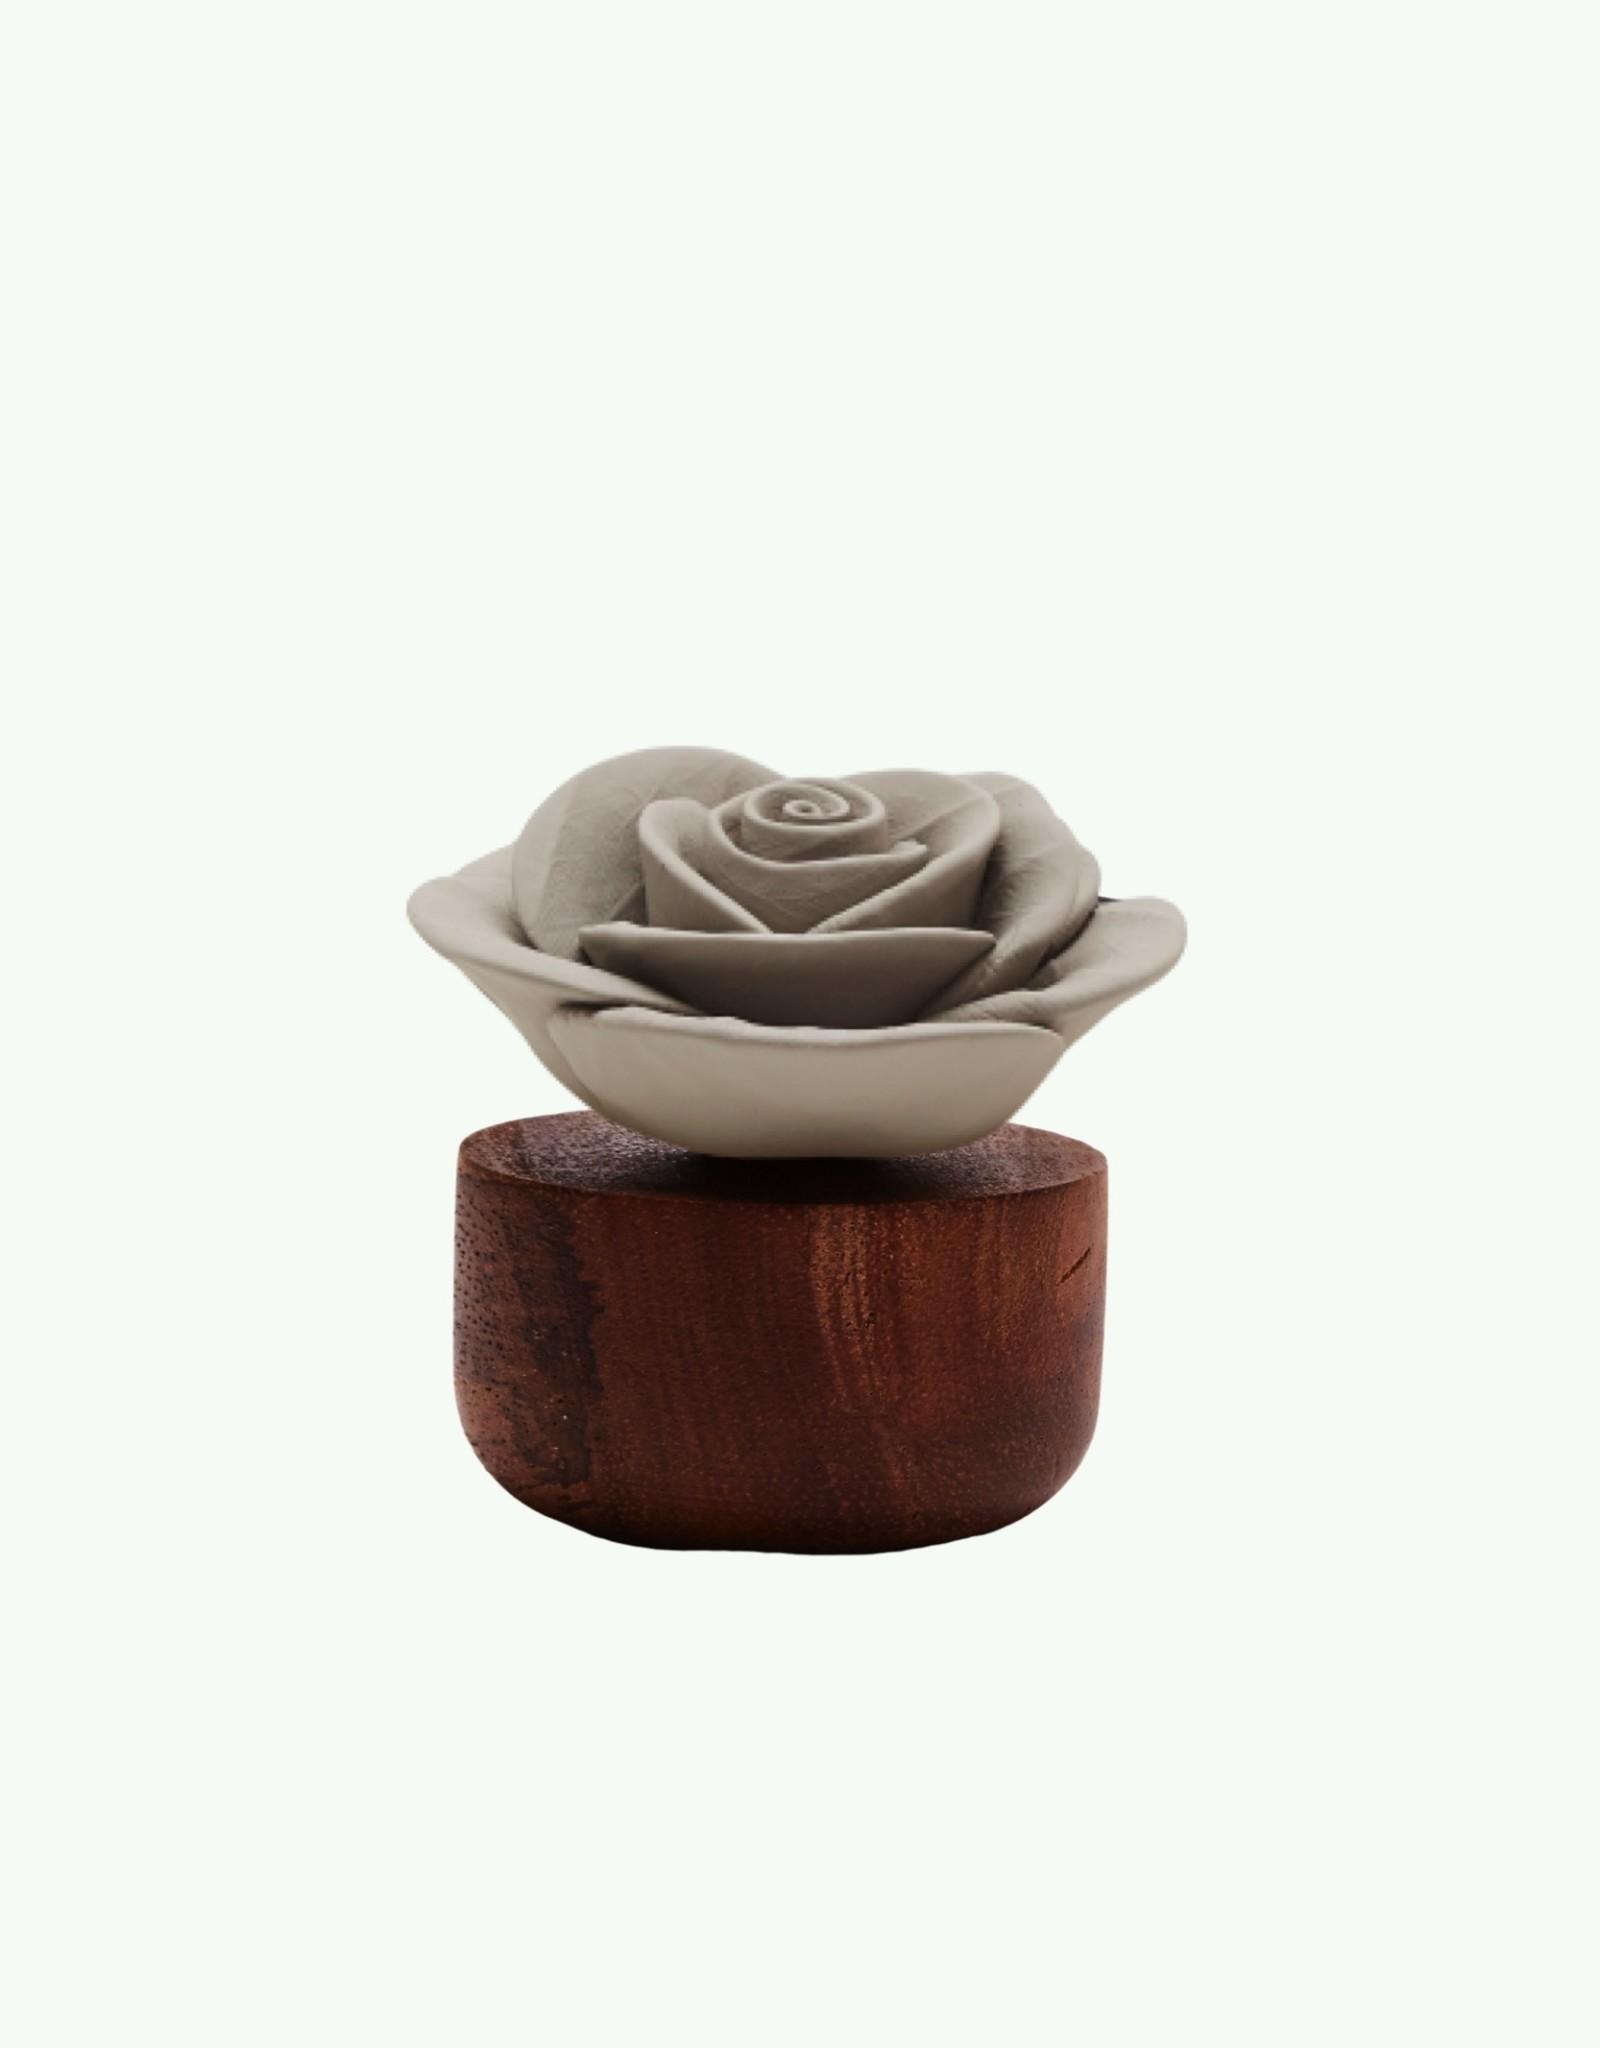 Anoq Anoq - Gardenia du Laos - Parfum Diffuser